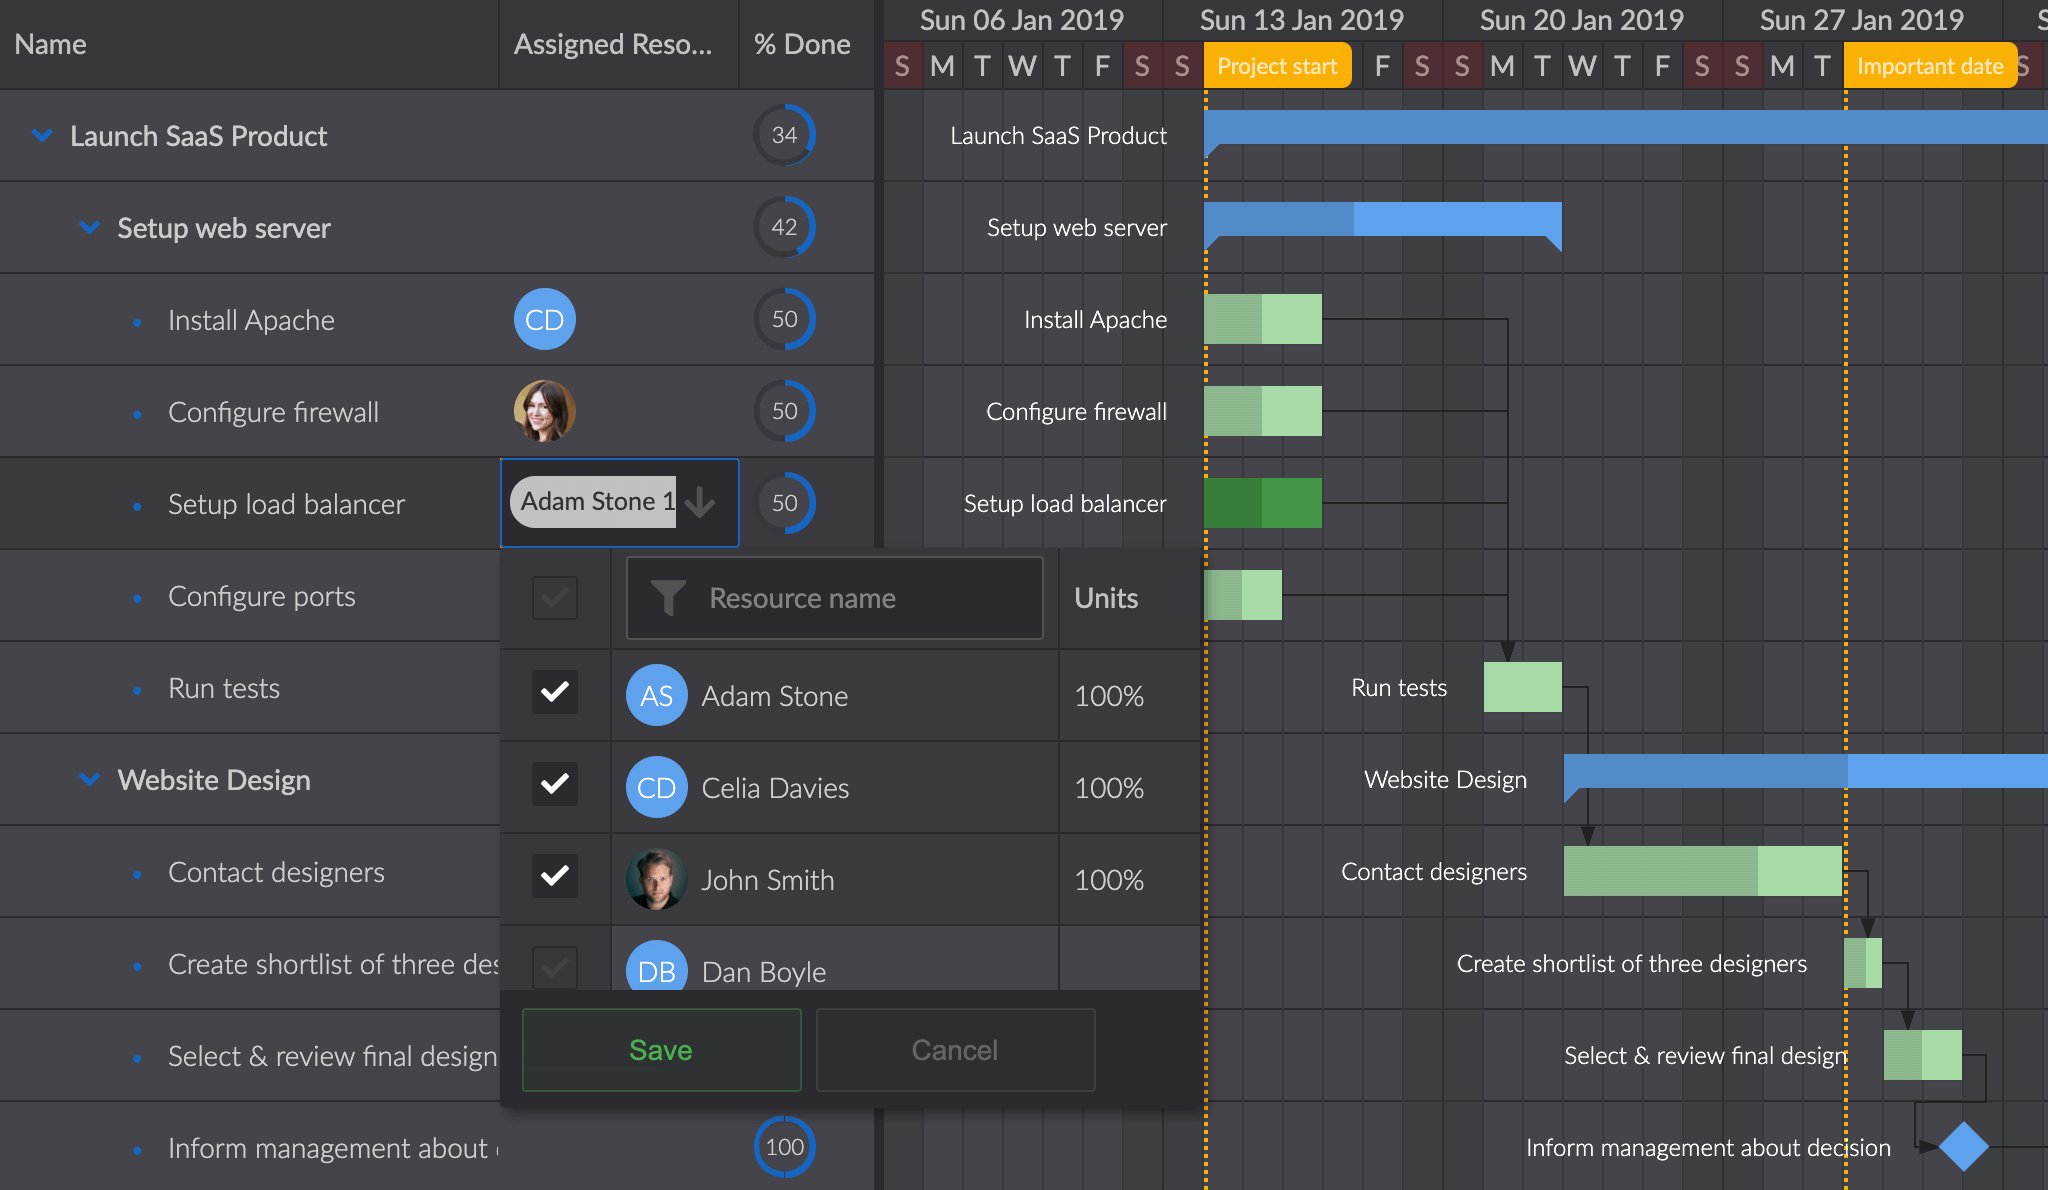 Demo showin resource avatars and resource initials